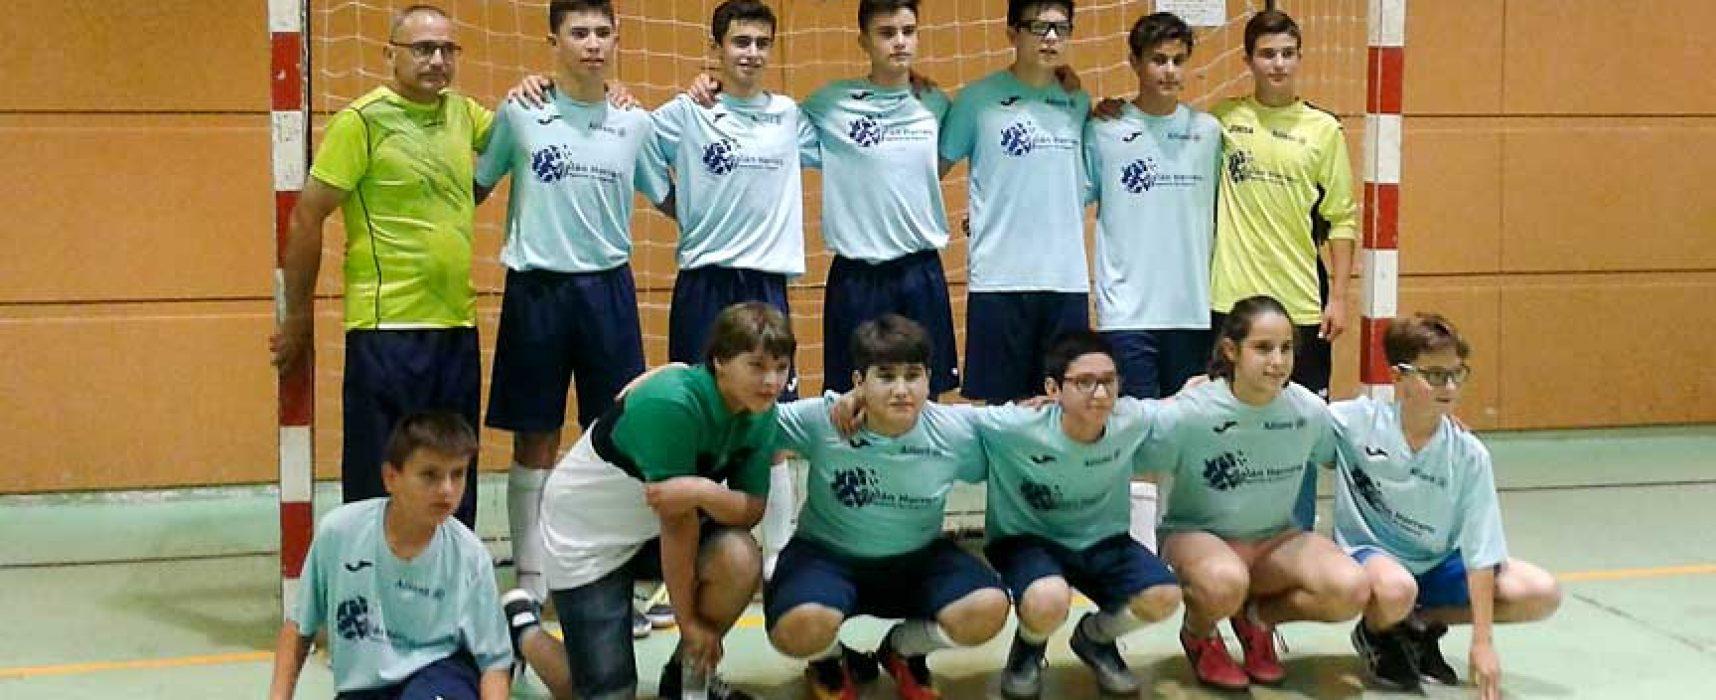 El equipo infantil de fútbol sala de Zarzuela del Pinar se alza como ganador de los Juegos Escolares regionales